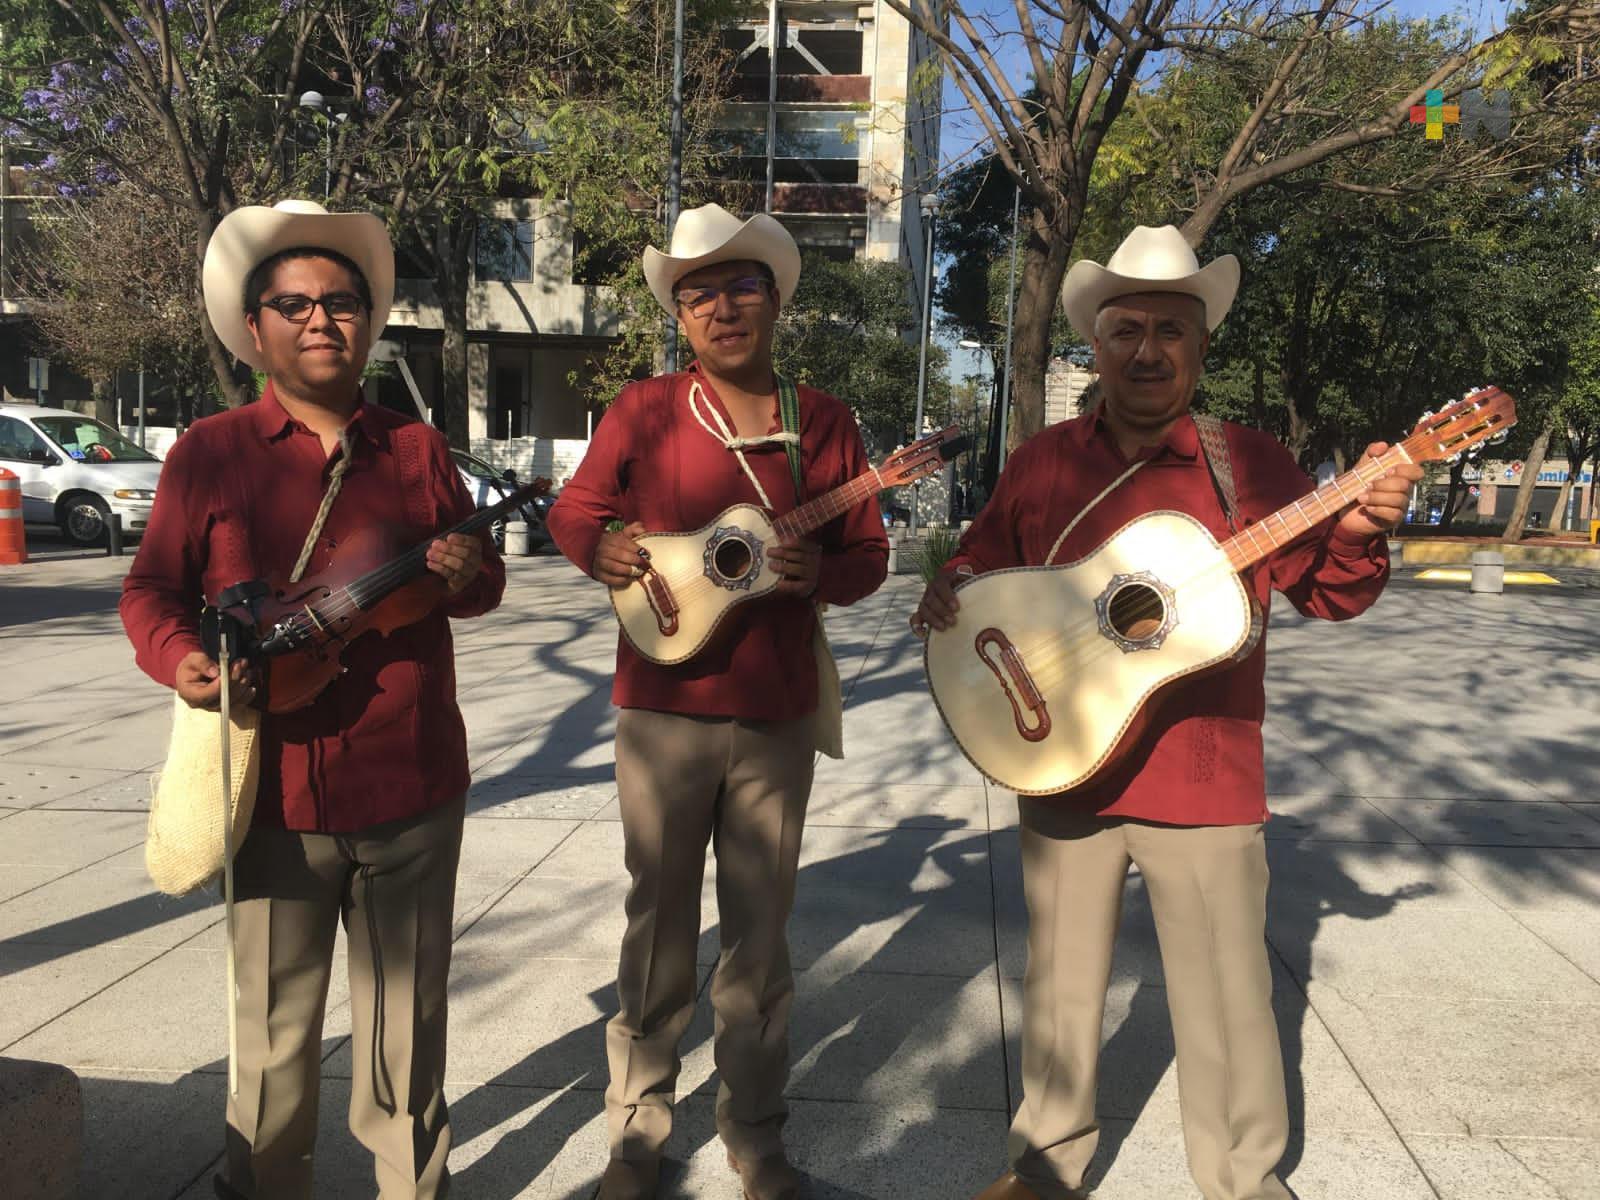 Presenta IVEC riqueza cultural de la Huasteca veracruzana en Los Pinos